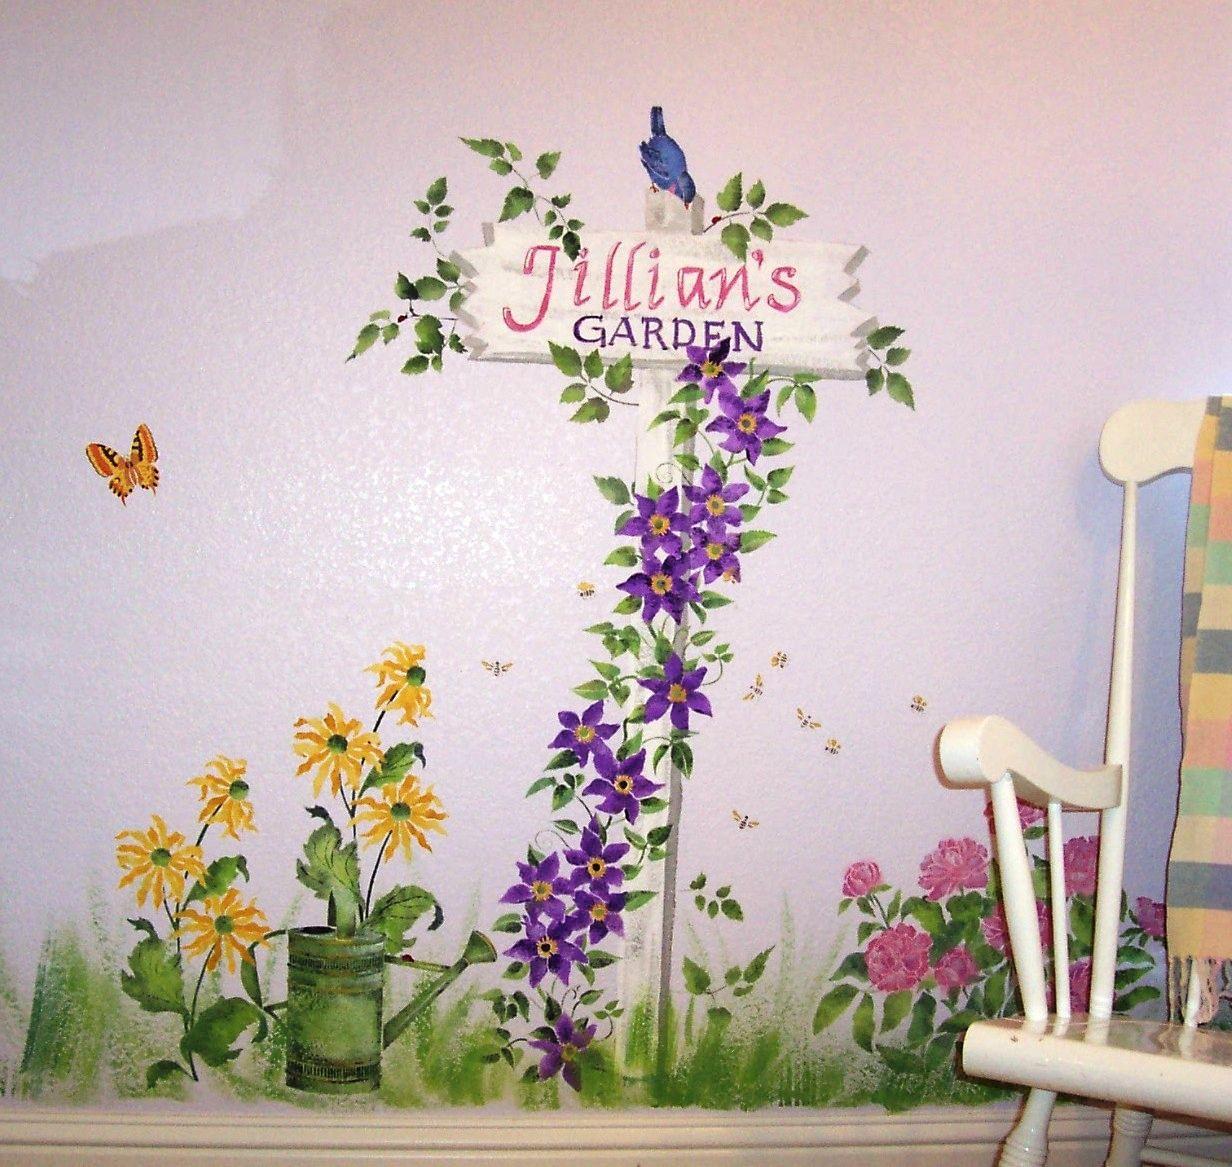 Hand Painted Wall Murals Of Gardens Childrens Murals Flower Garen